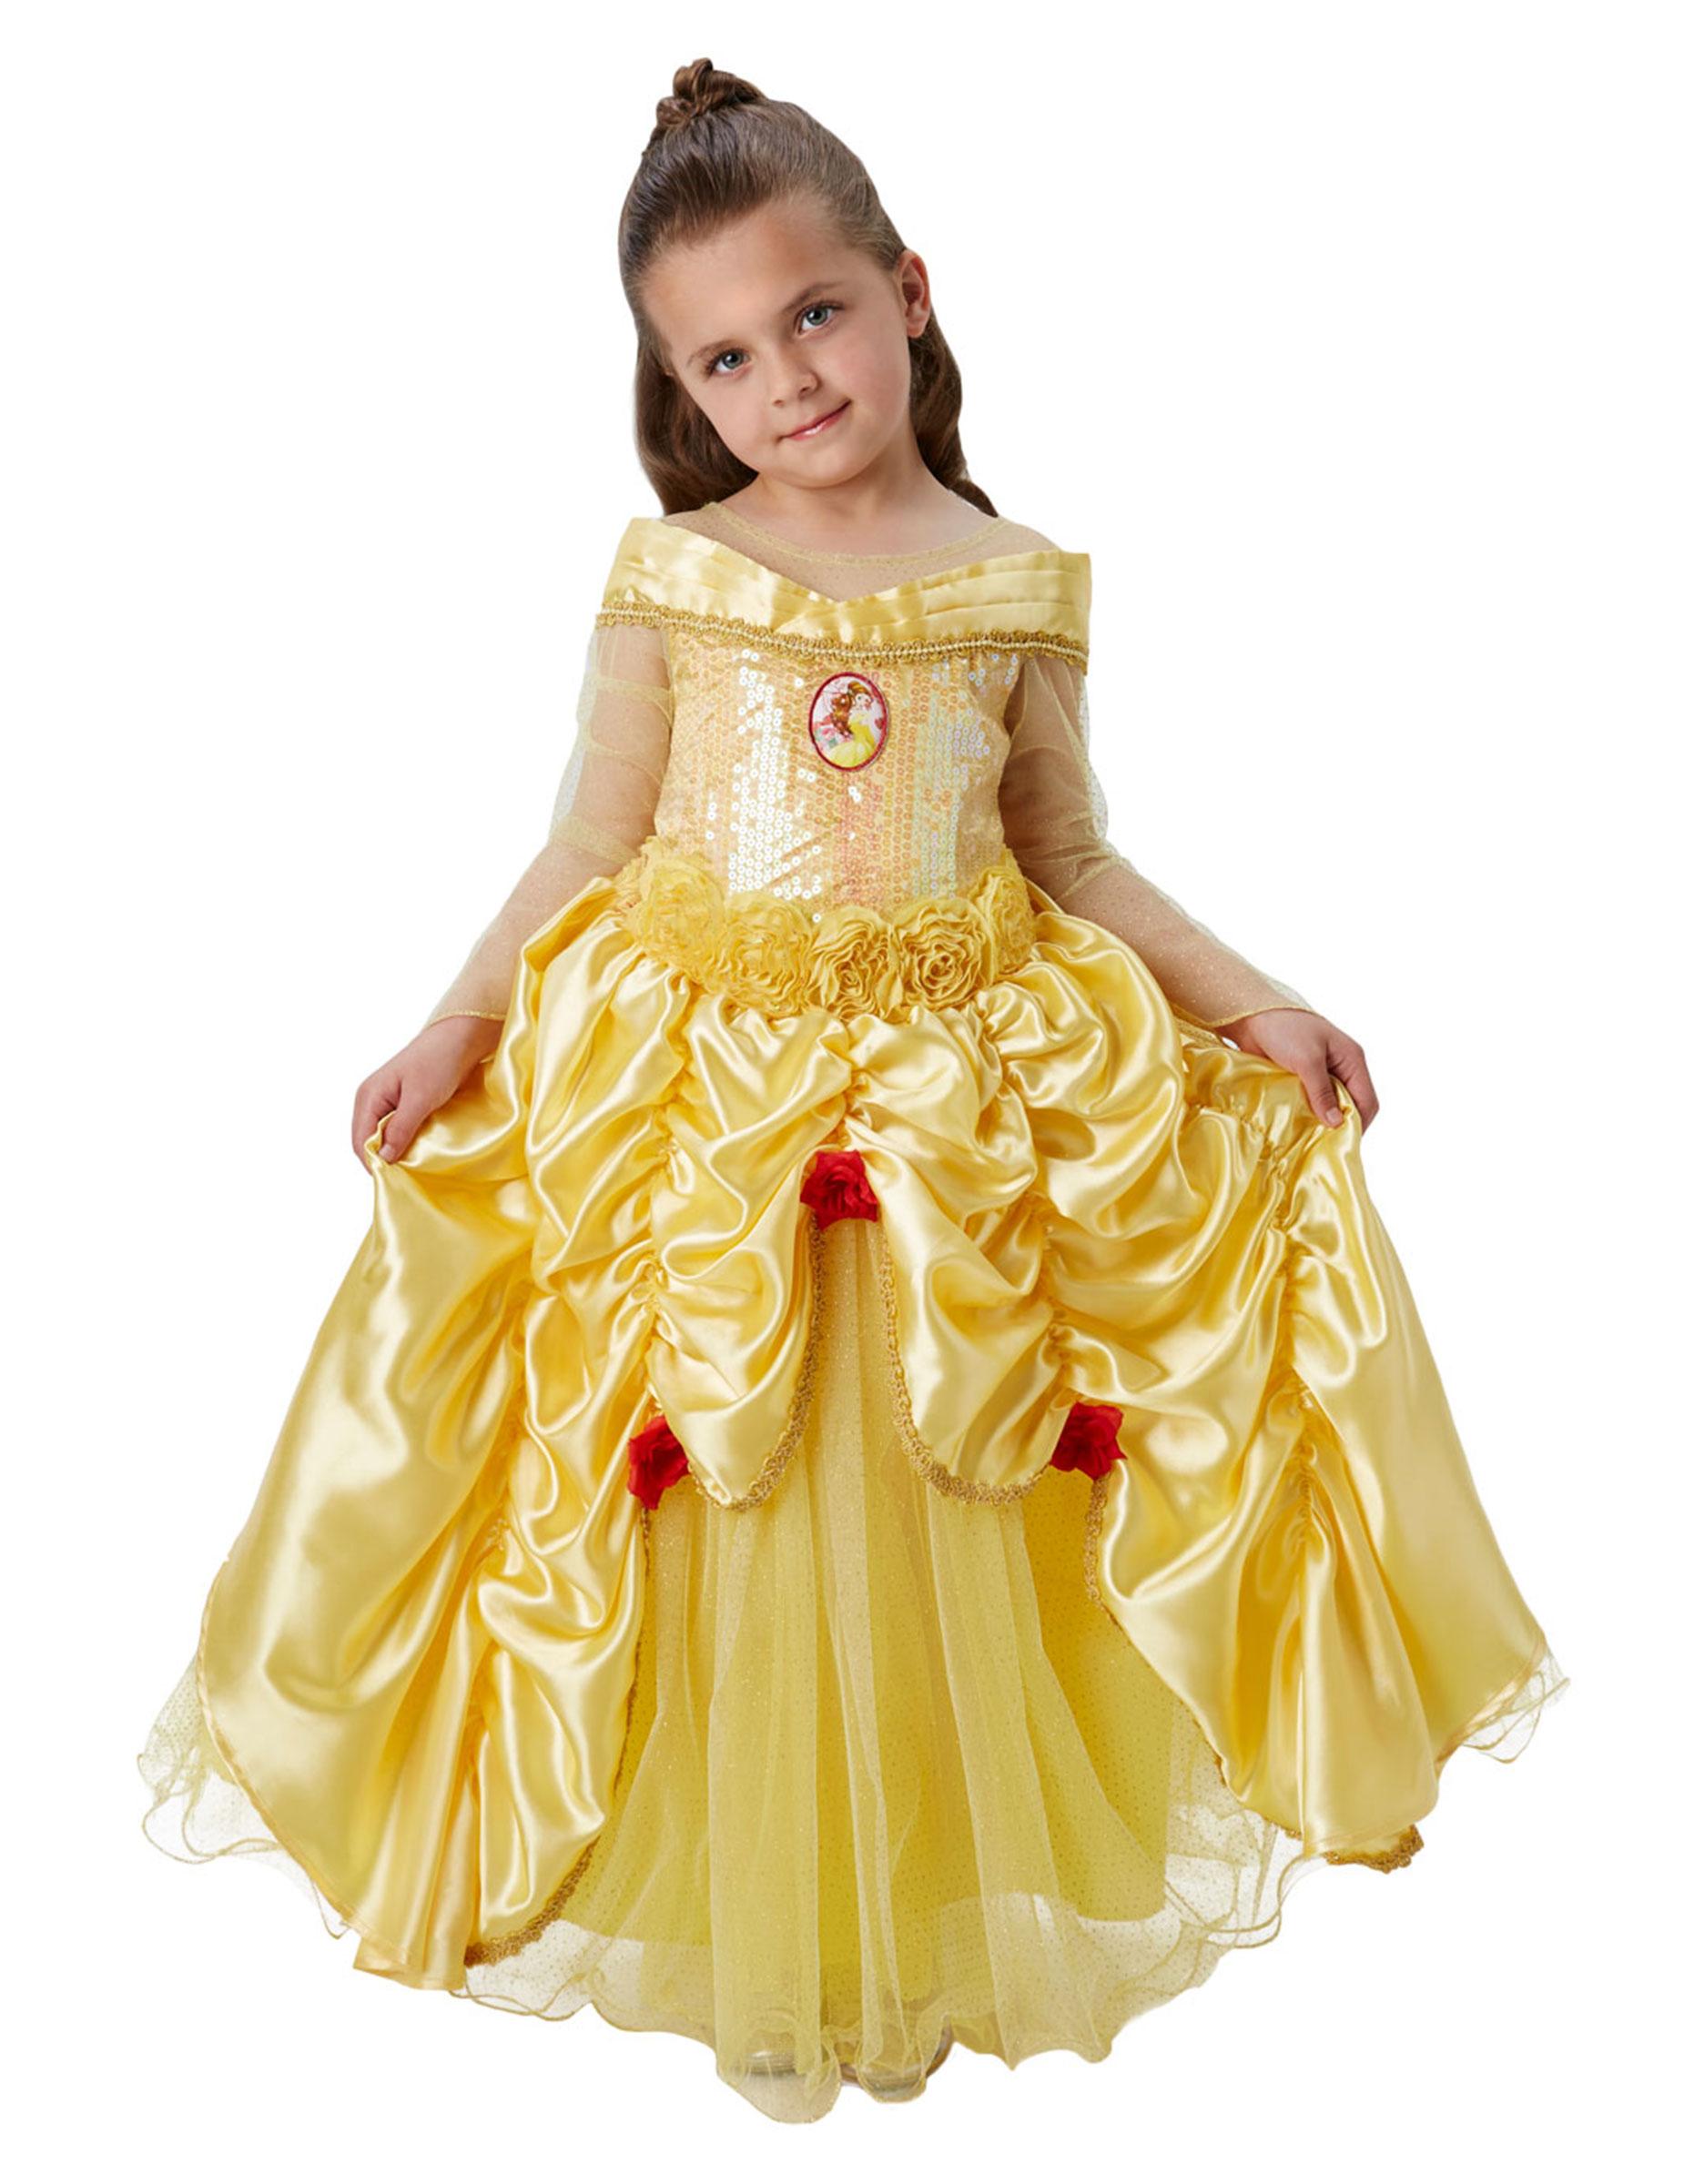 Déguisement premium Belle™ fille   Deguise-toi, achat de ... a908f527210c